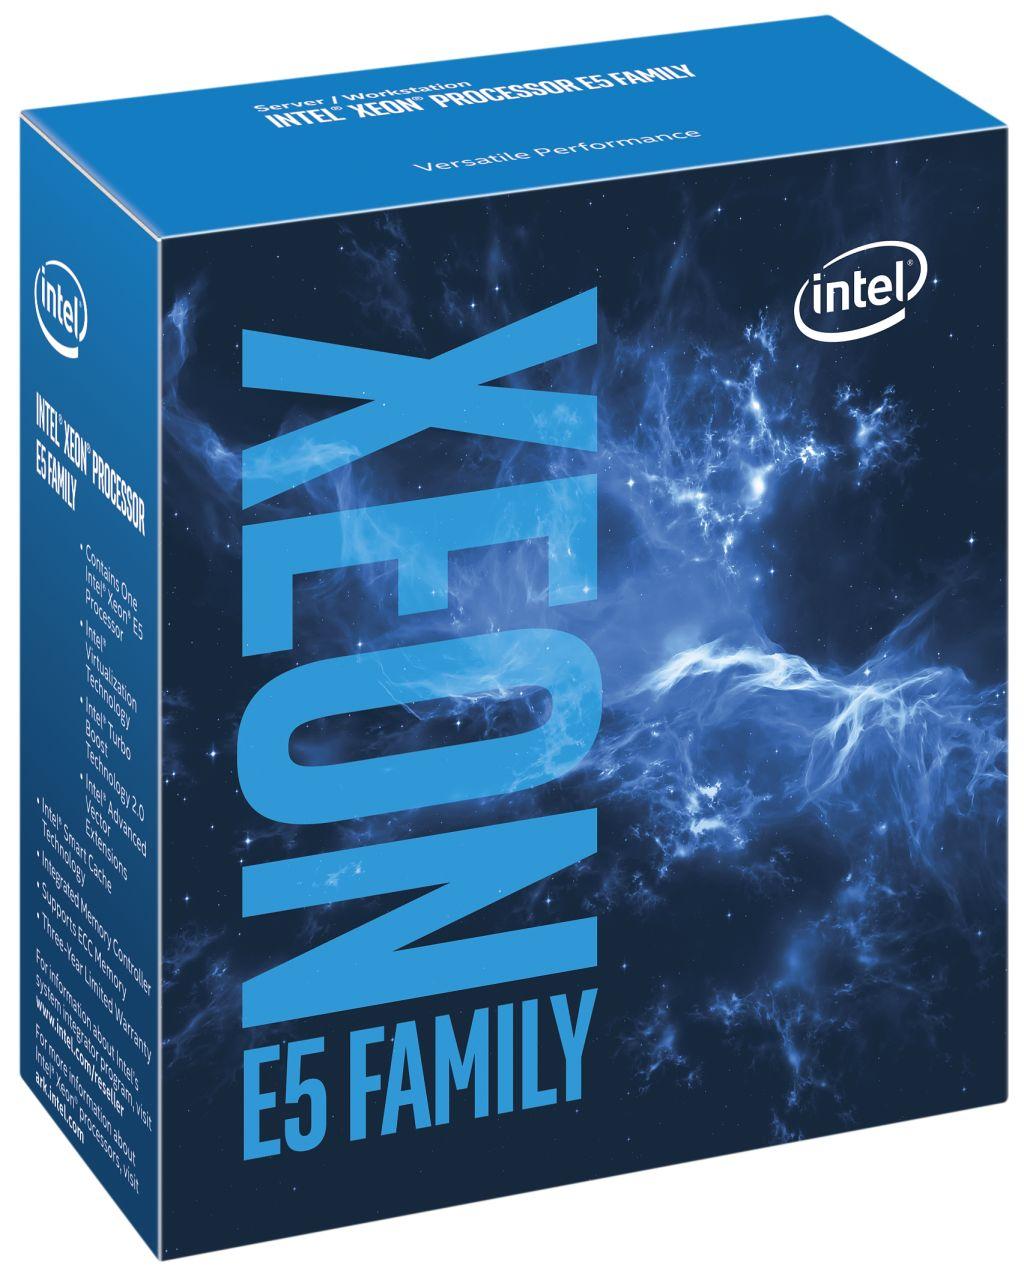 xeon-e5-server-box-1to1